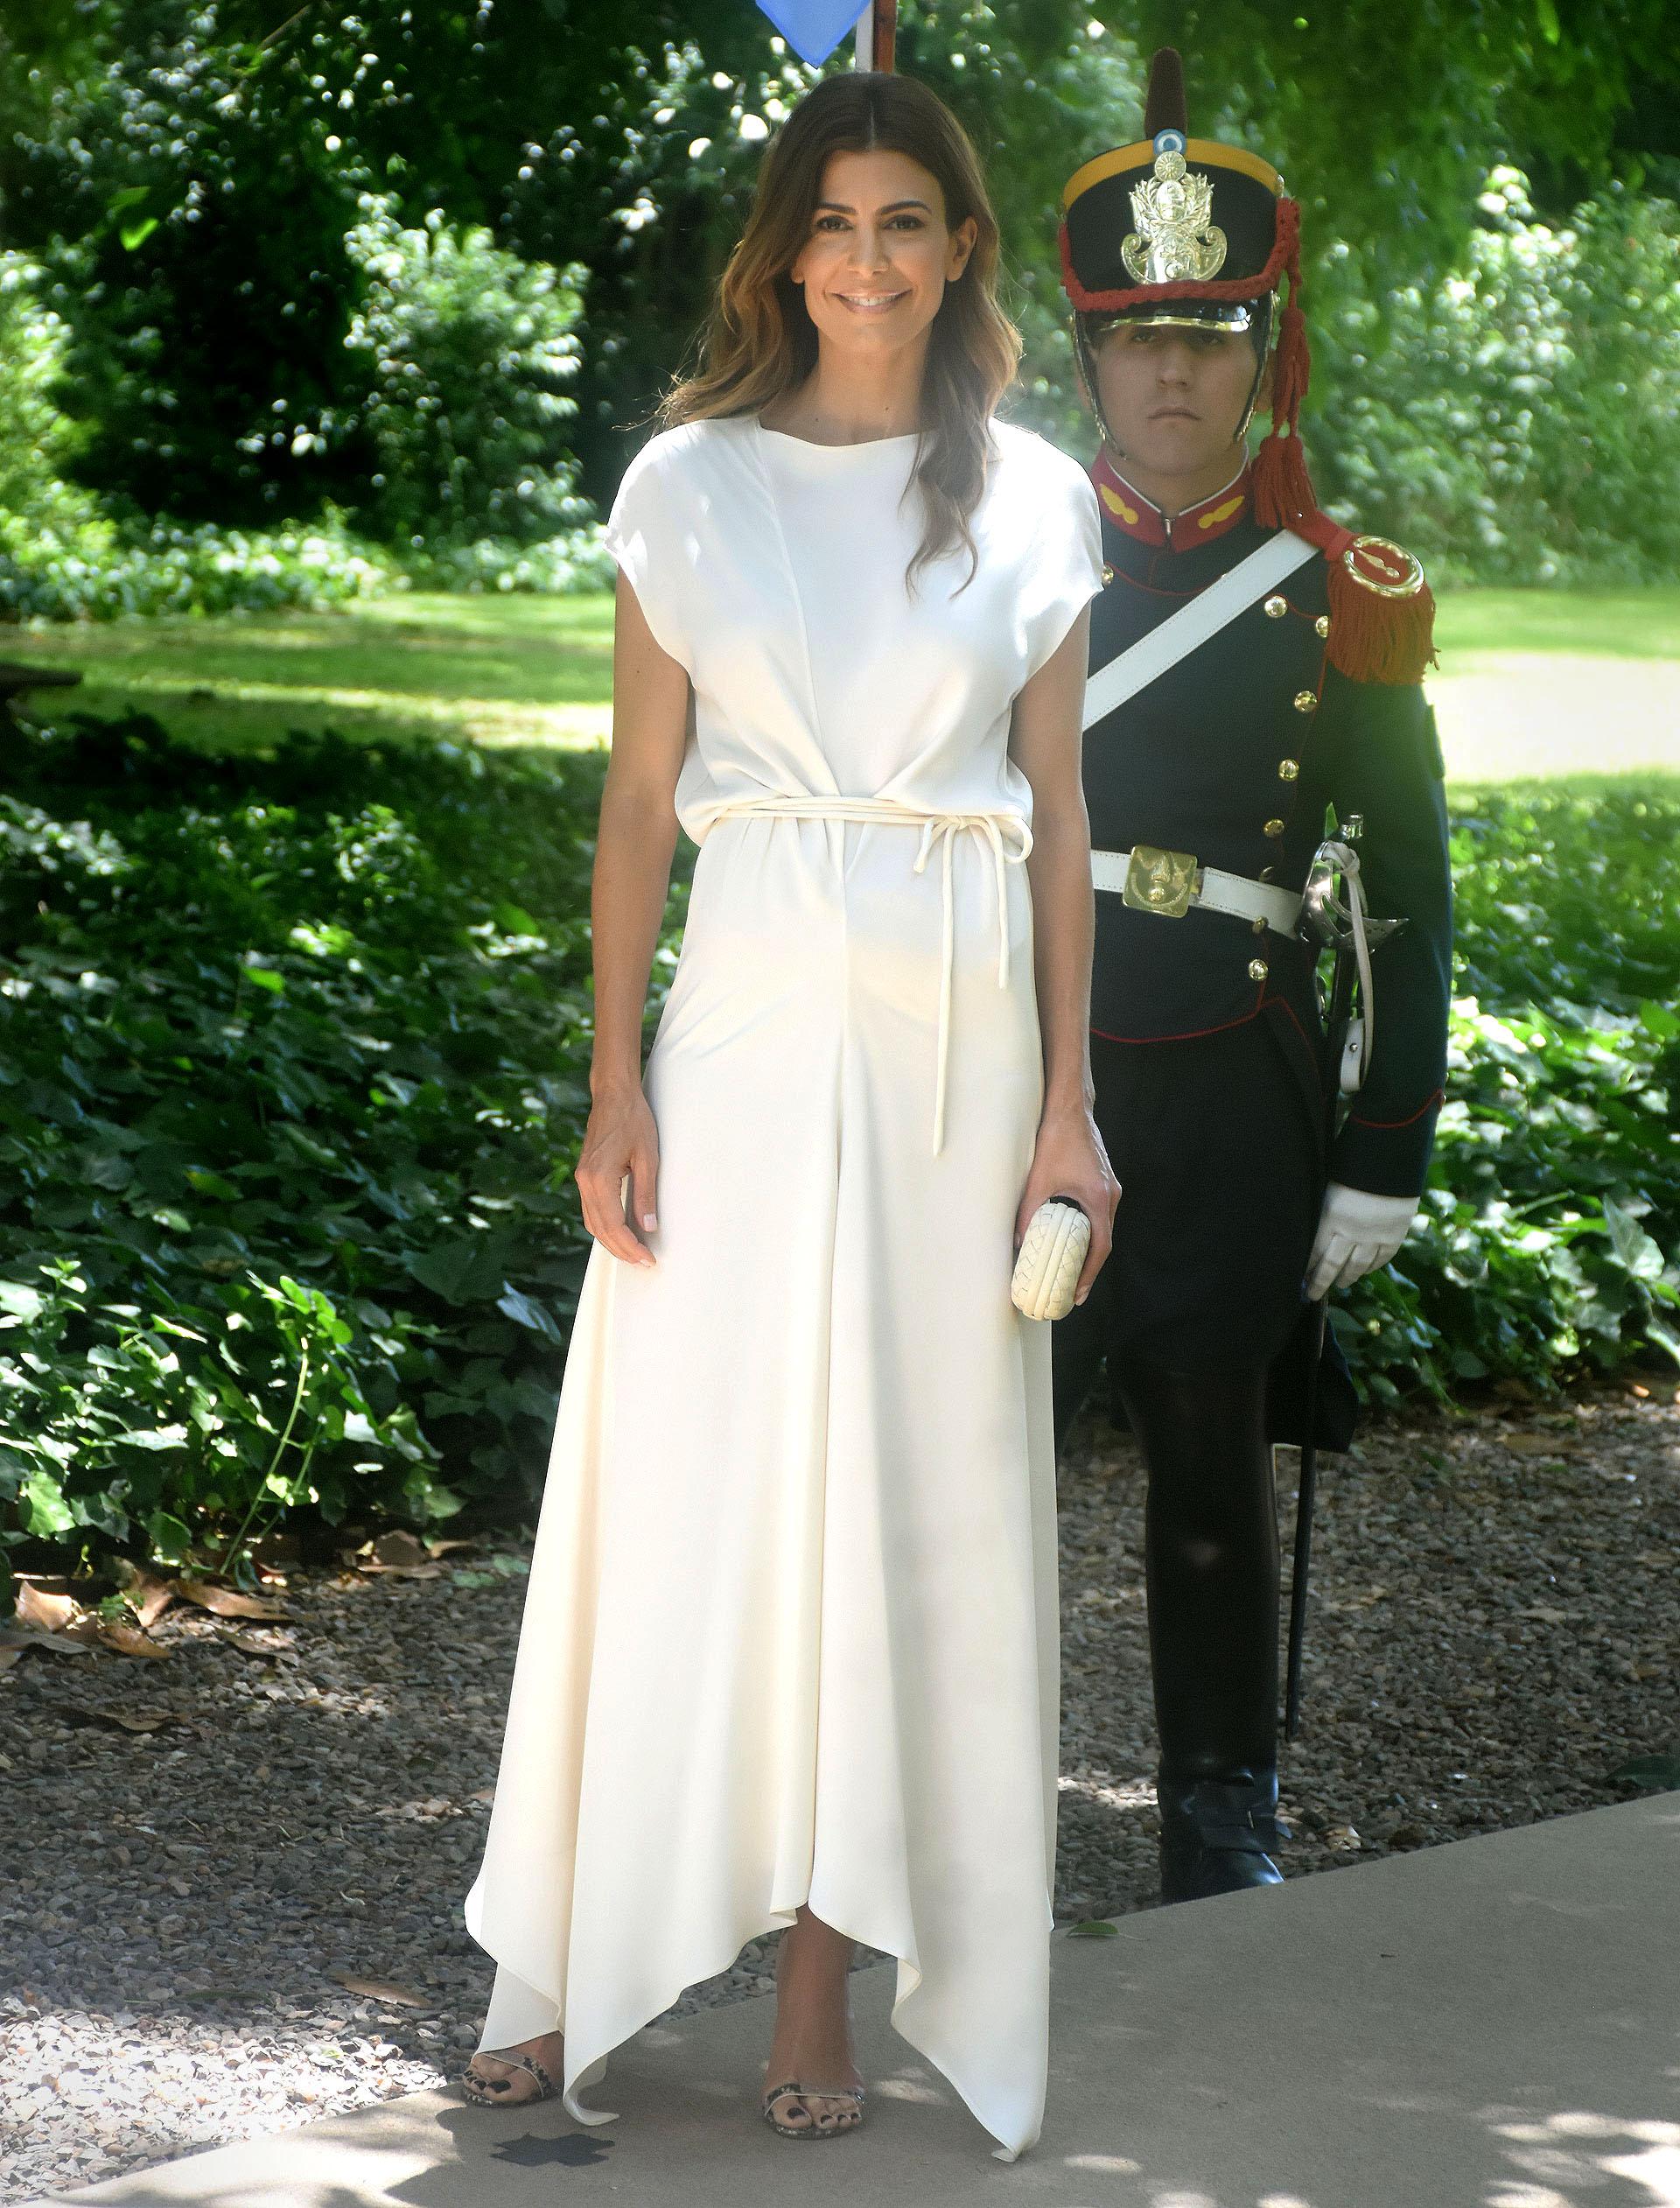 Juliana Awada, la anfitriona del almuerzo. Lució un vestido off white de corte irregular con líneas rectas con lazo a la cintura marcando su silueta. Sandalias plateadas, clutch de Bottega Venetta y cabello suelto. Fiel a su estilo